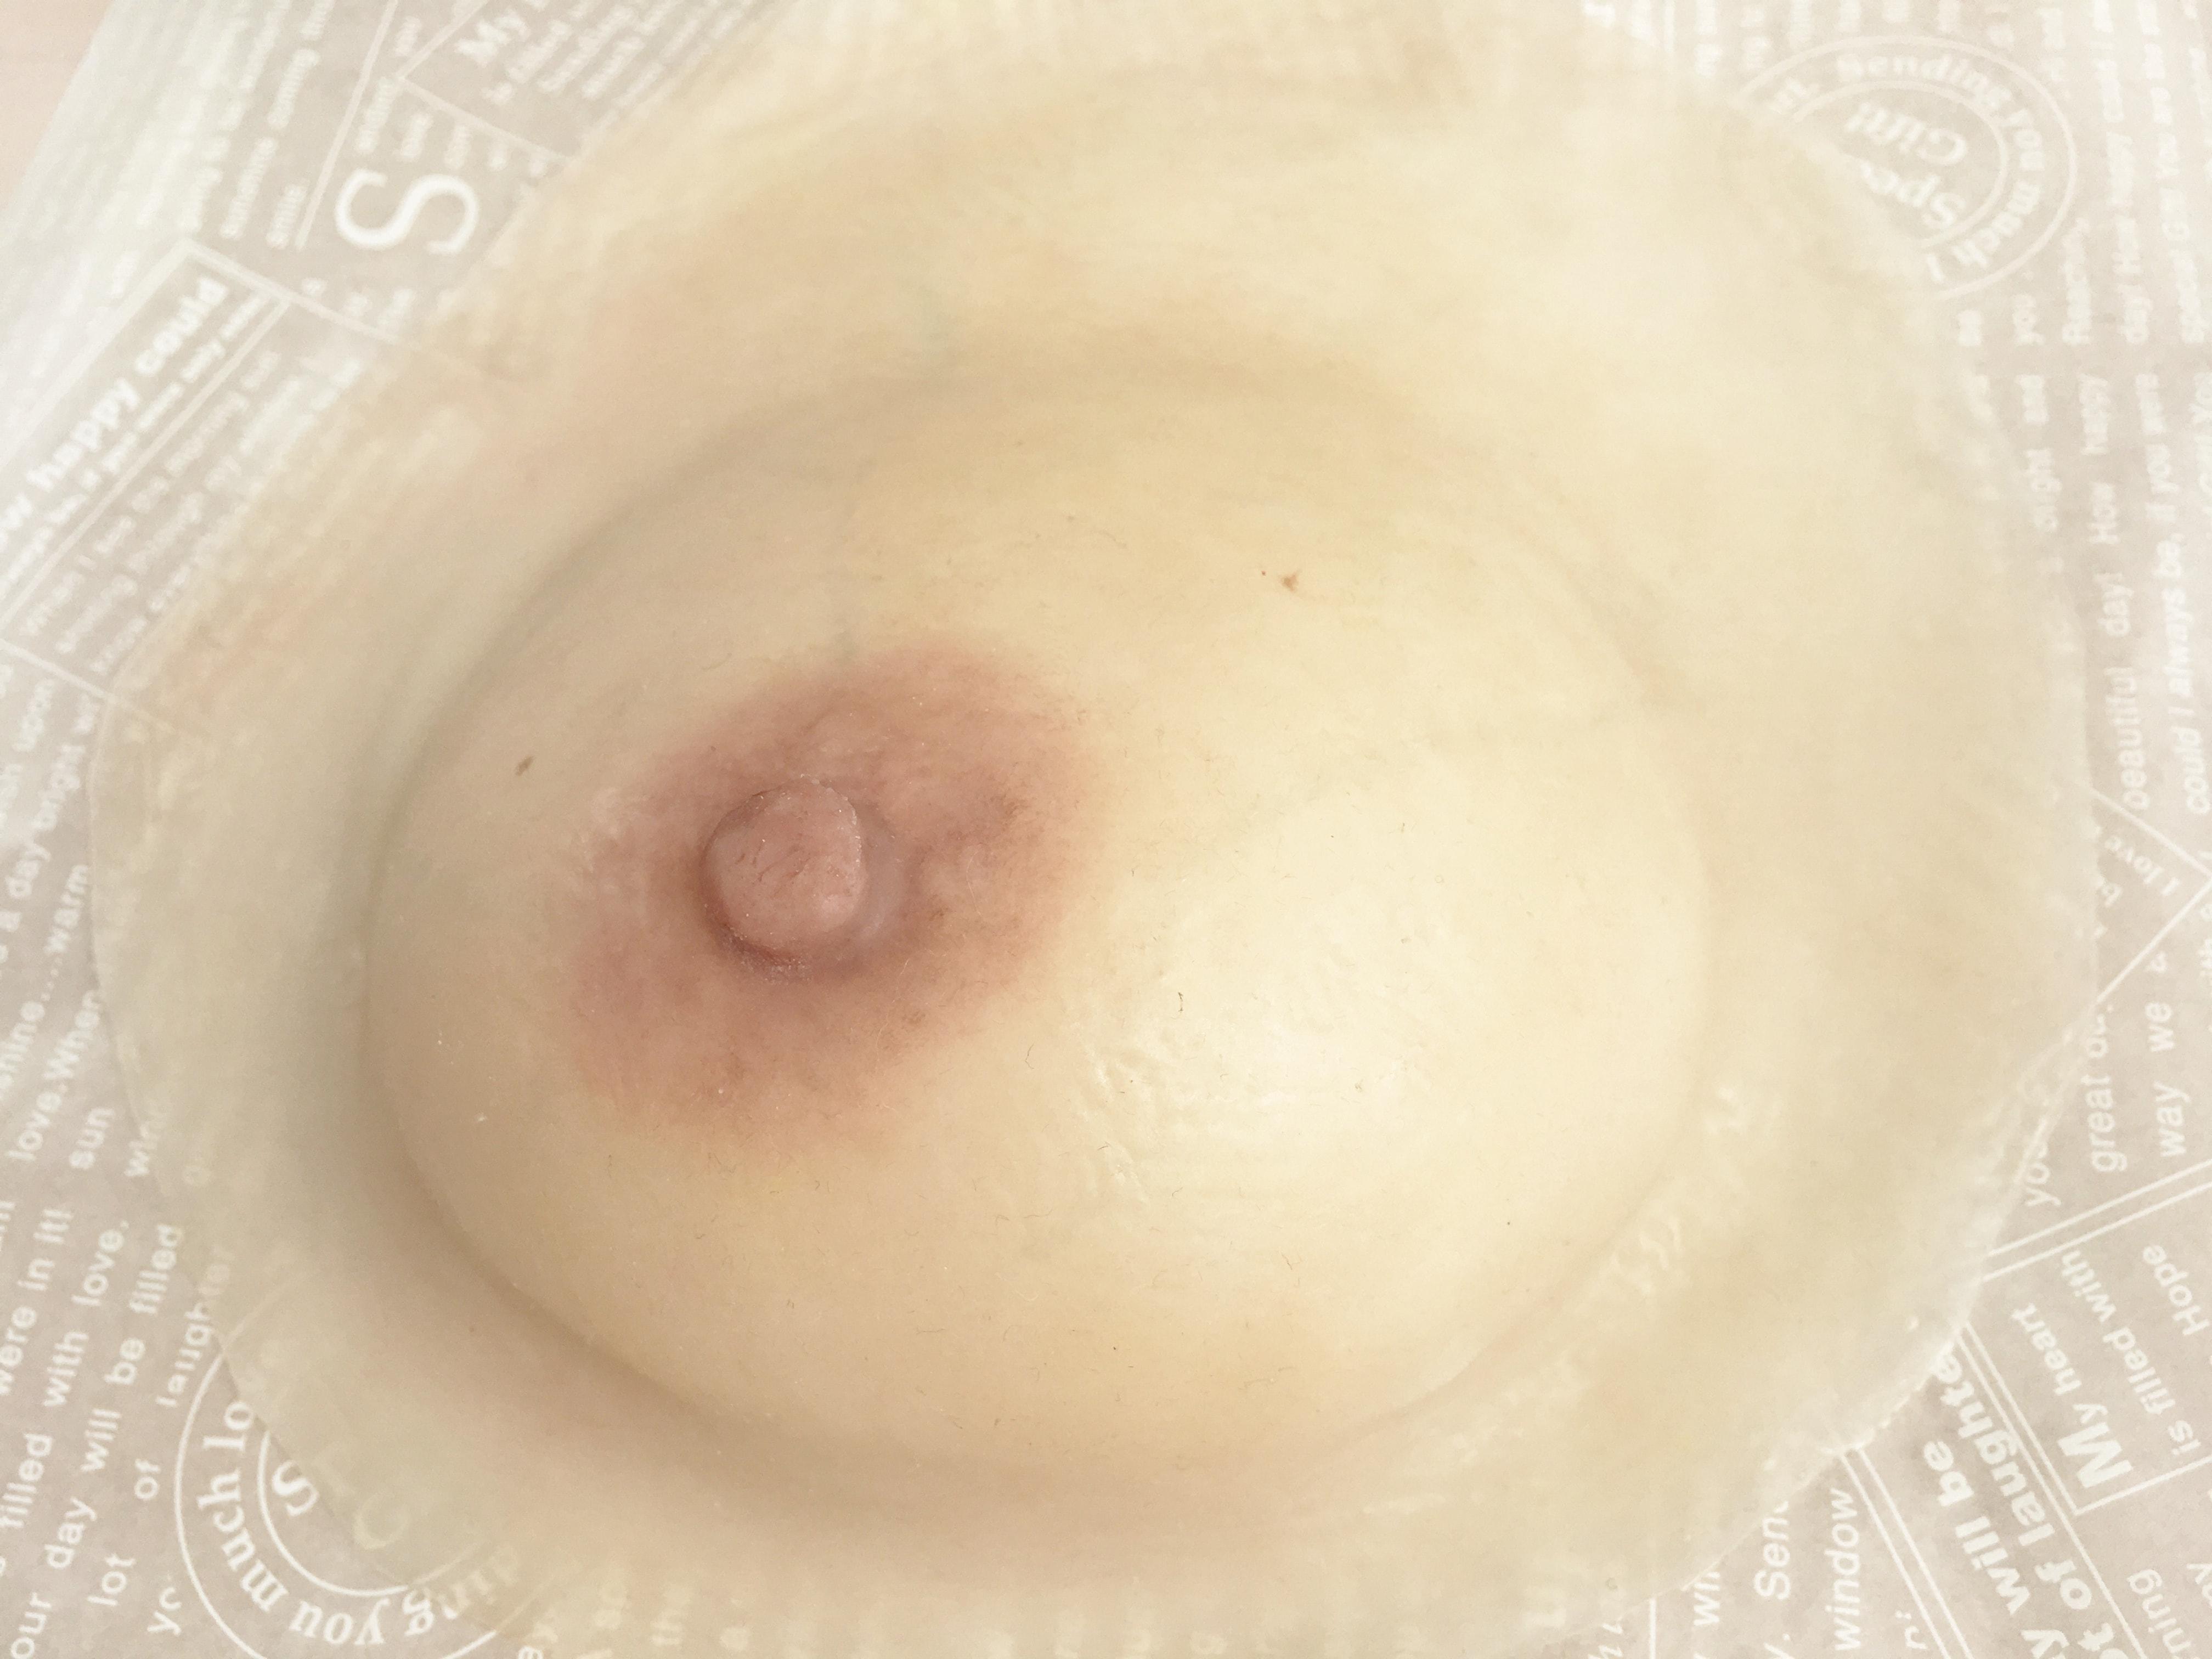 地肌に貼り付ける人工乳房です